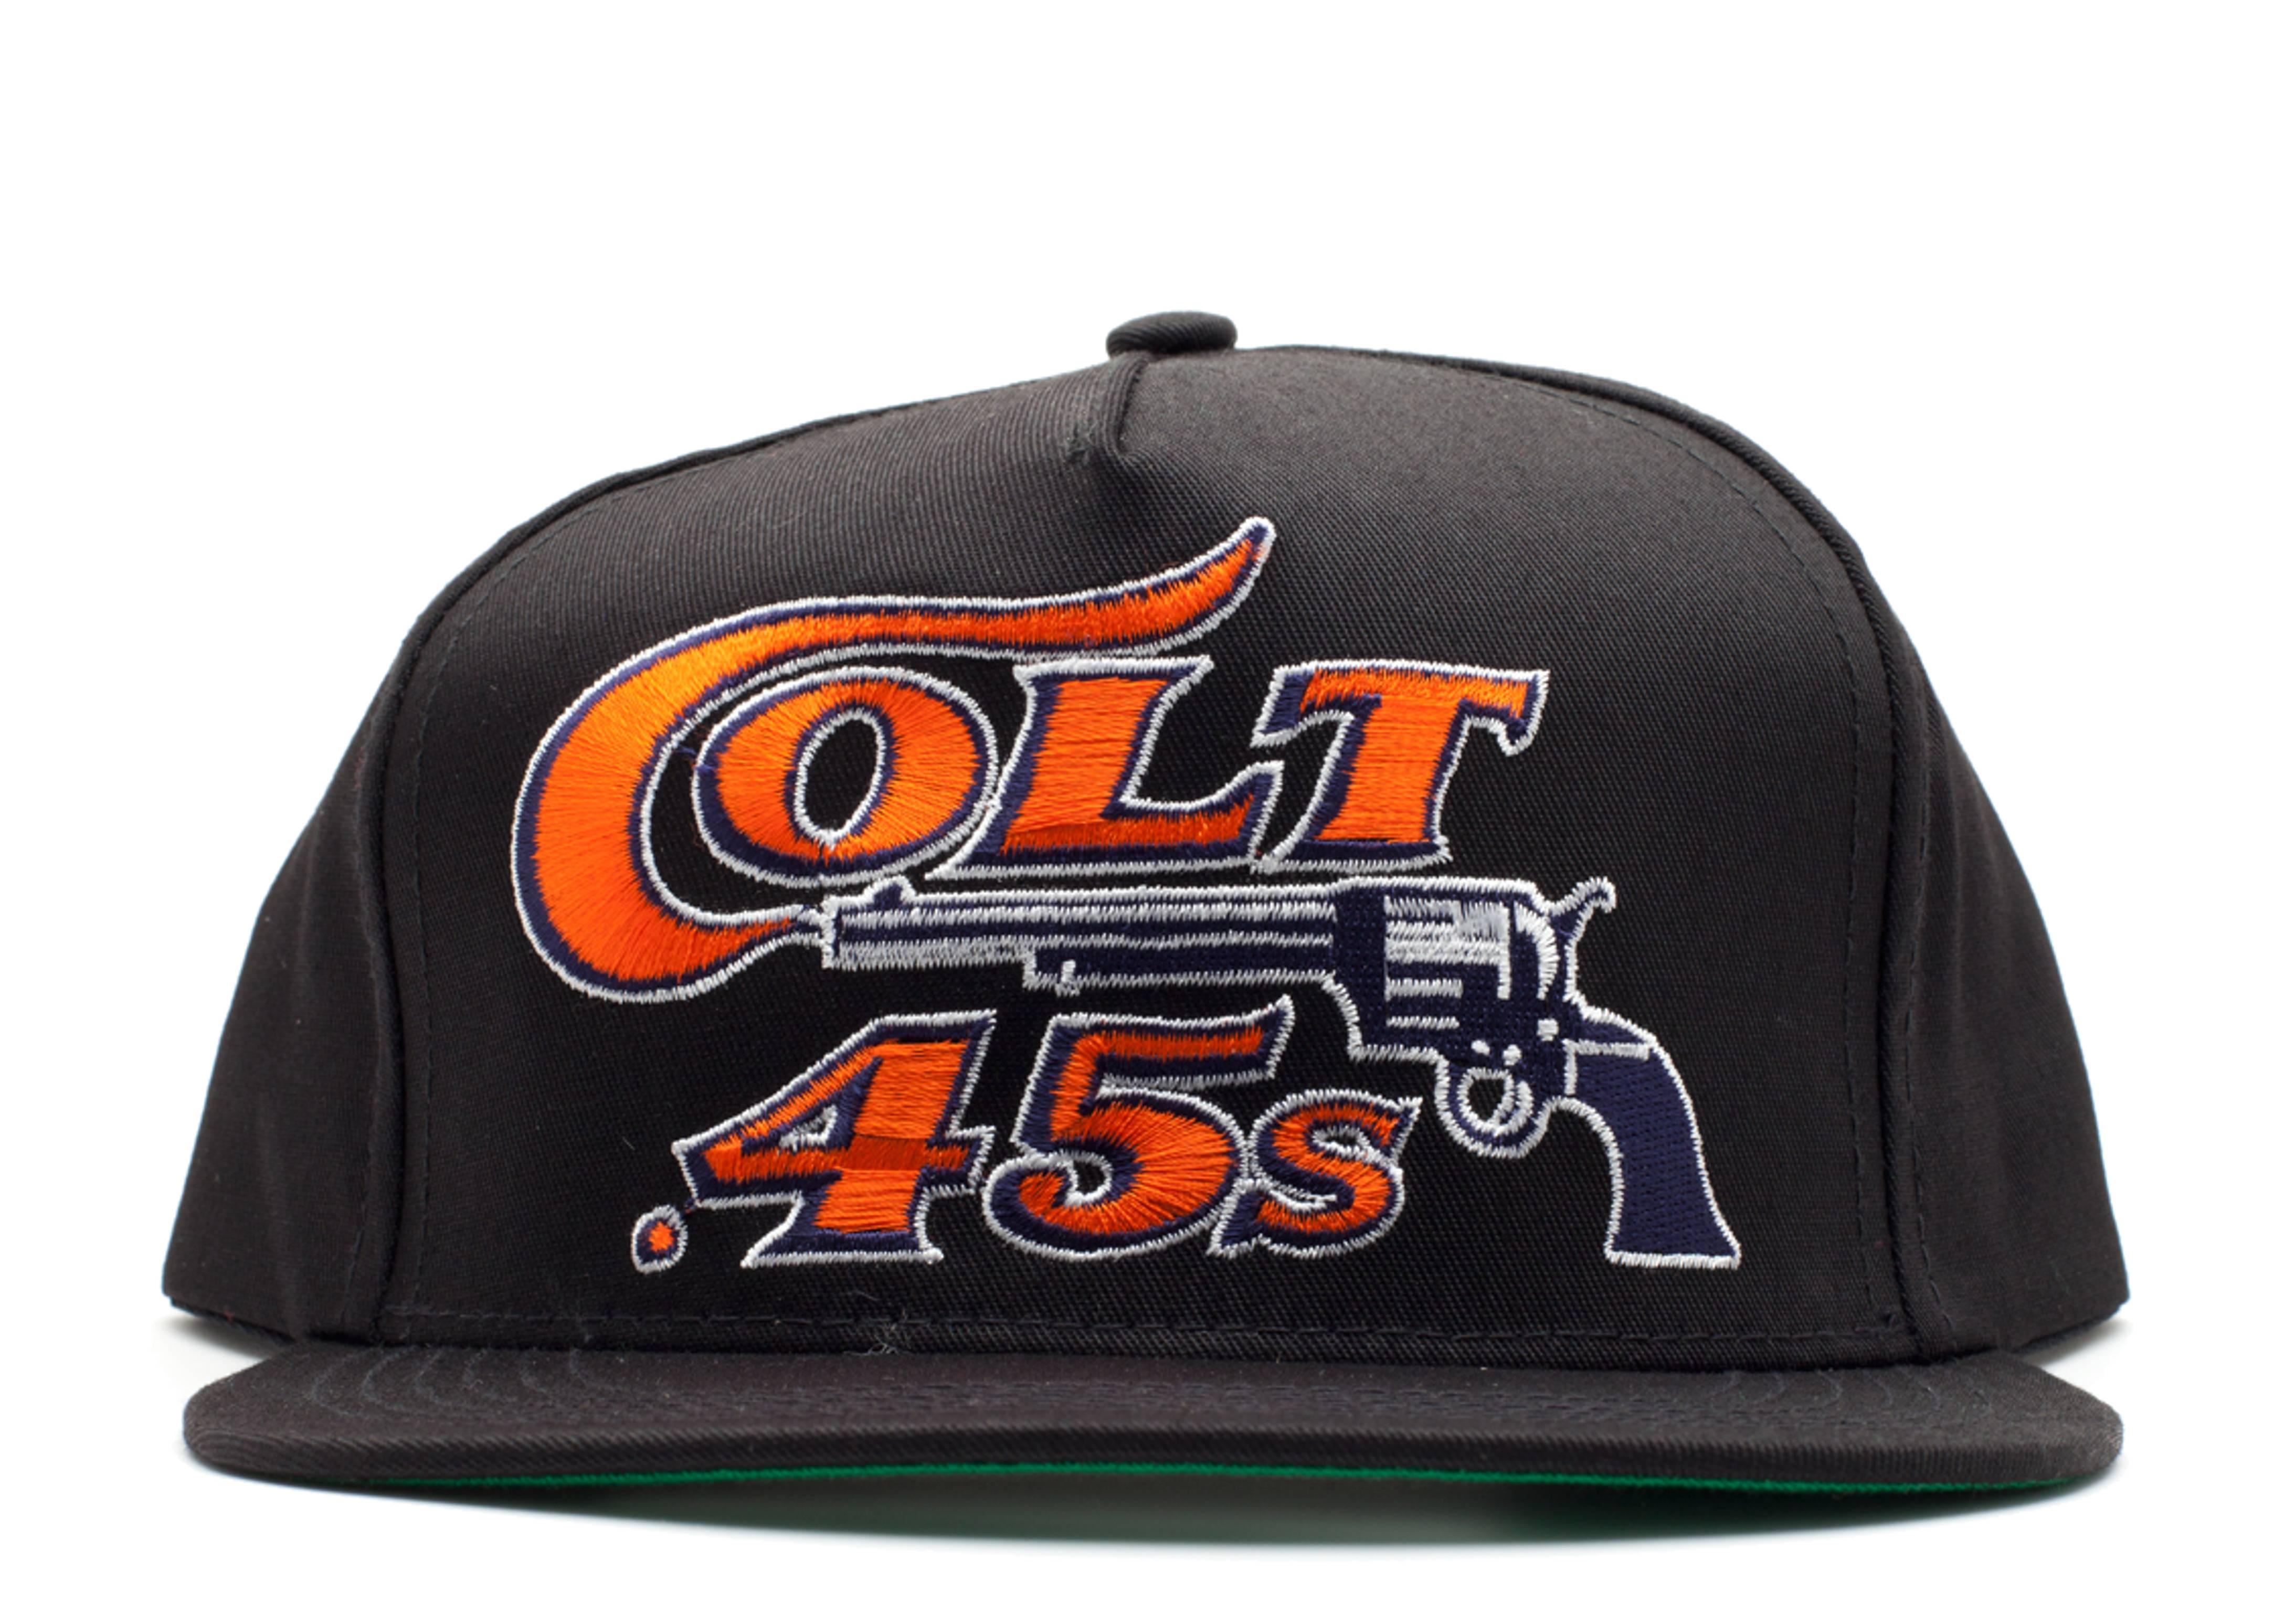 colt .45 snap-back